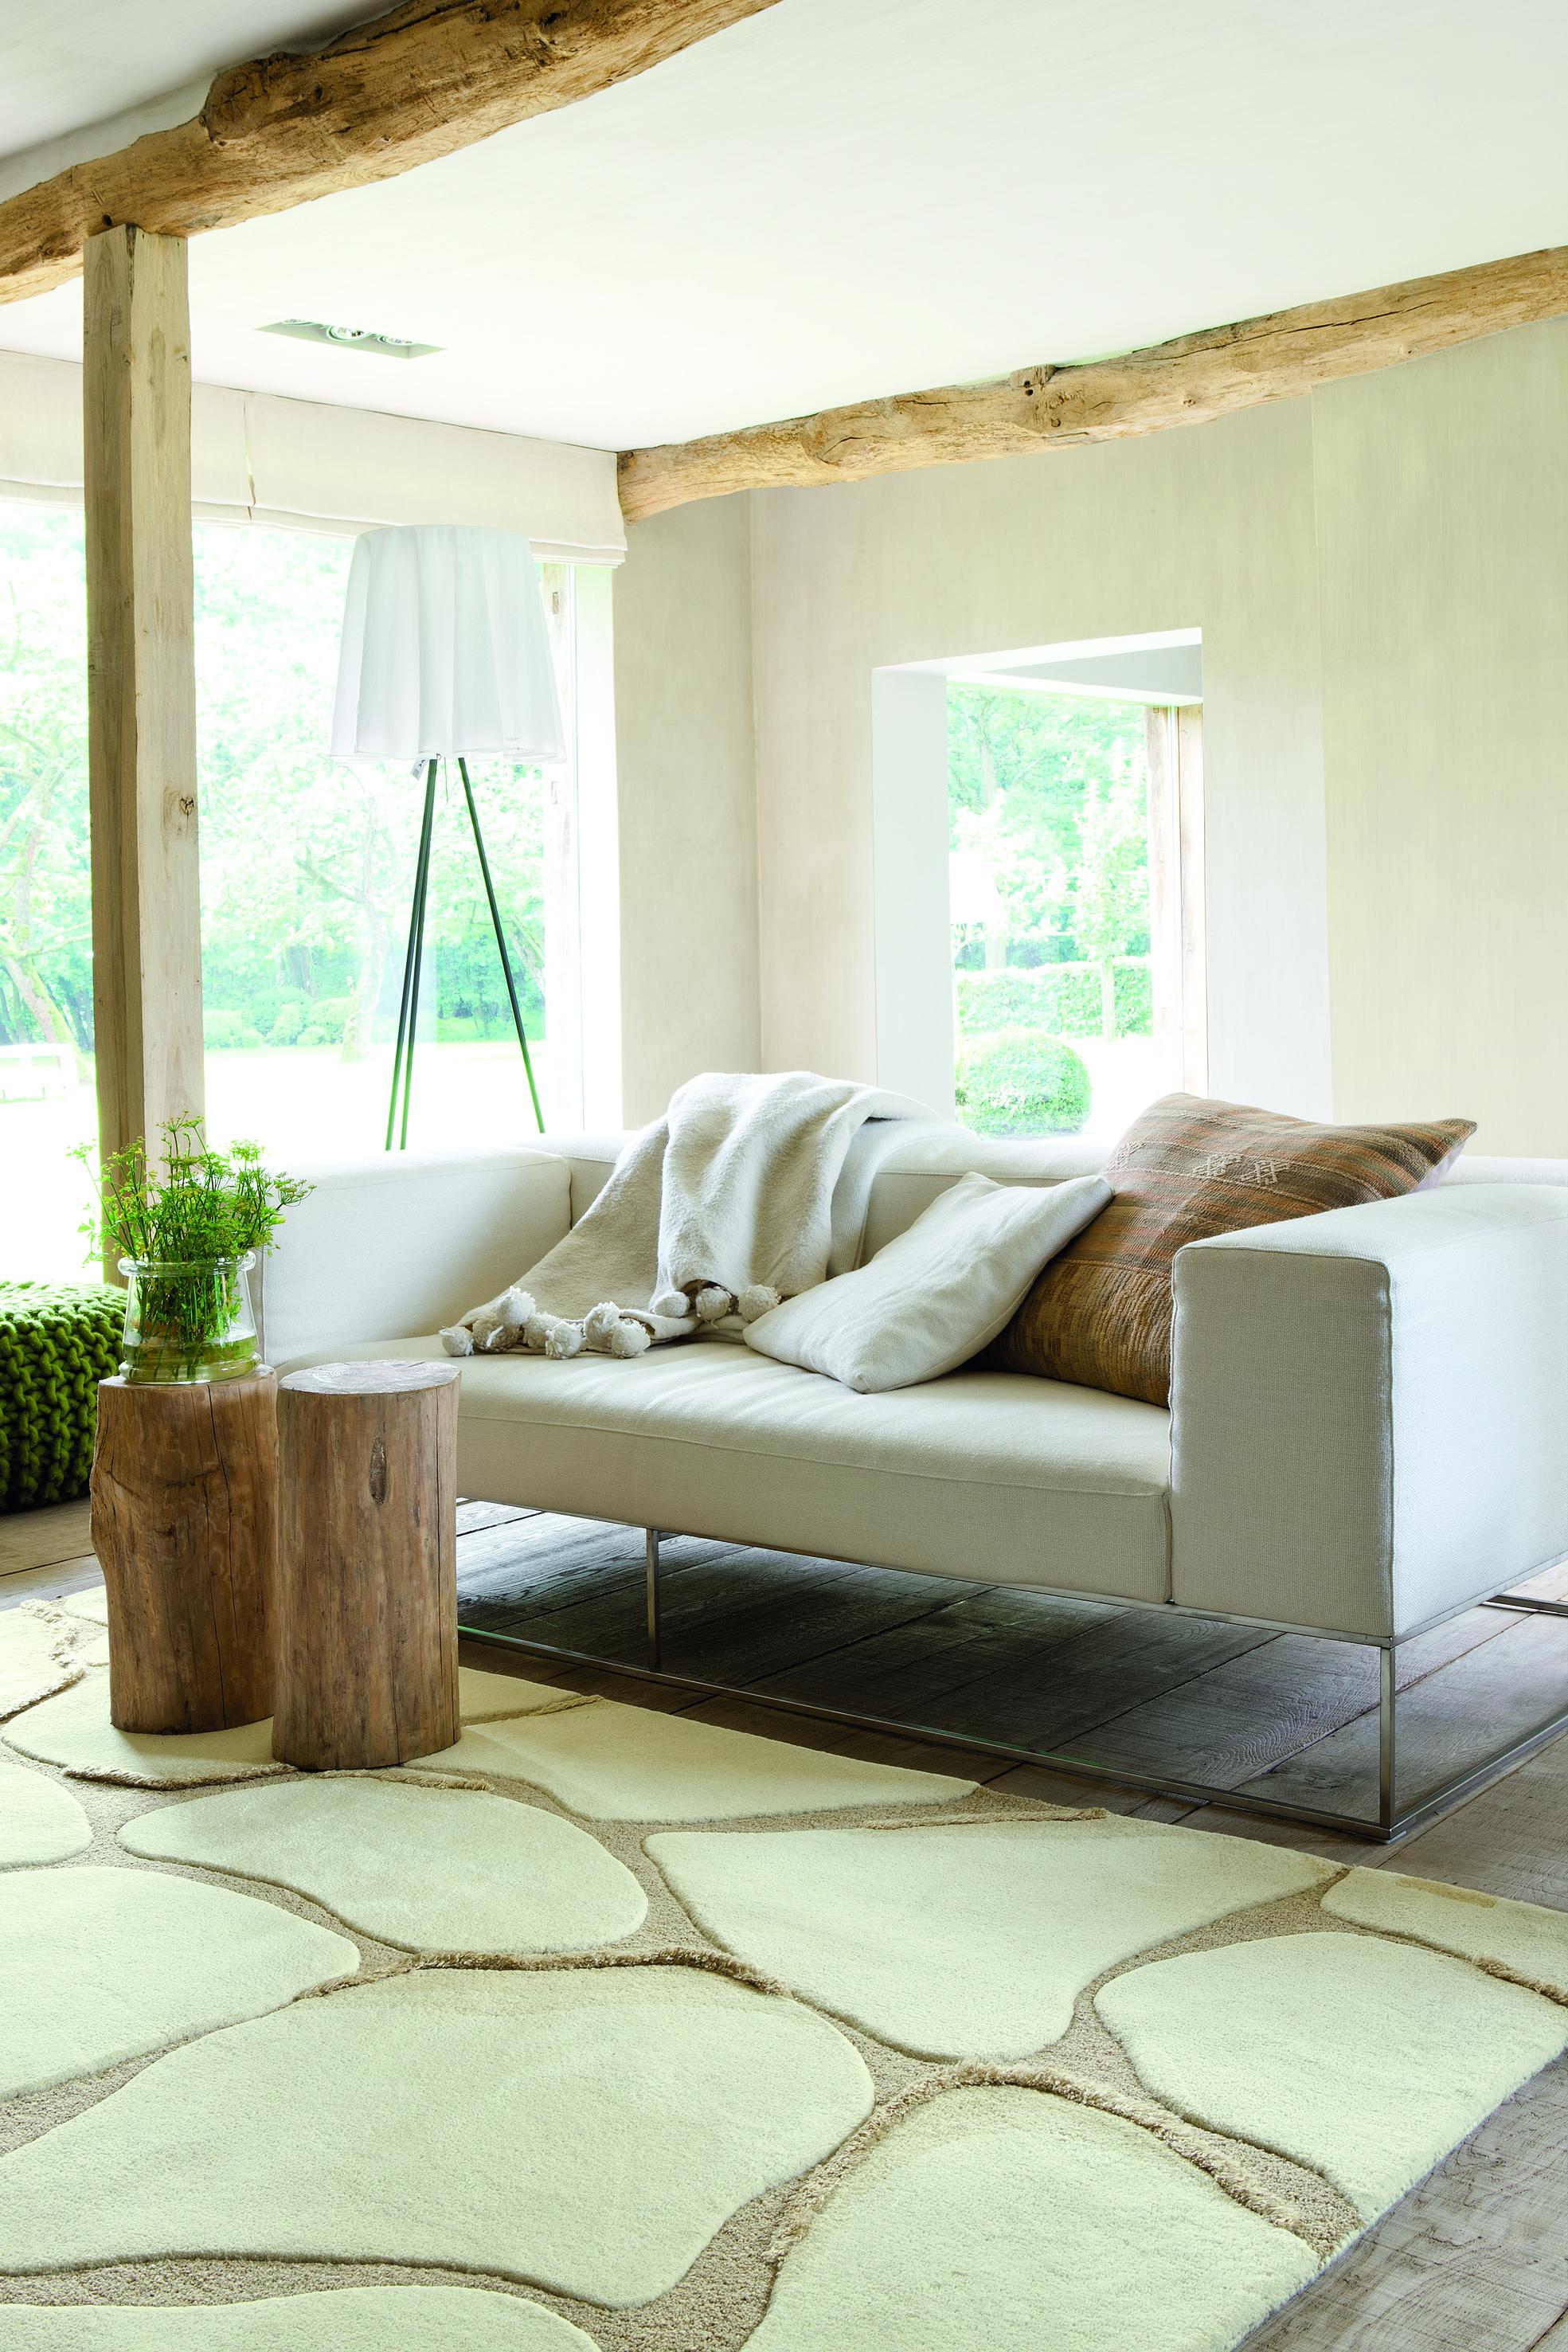 Les tapis de salon illumineront votre salle de séjour